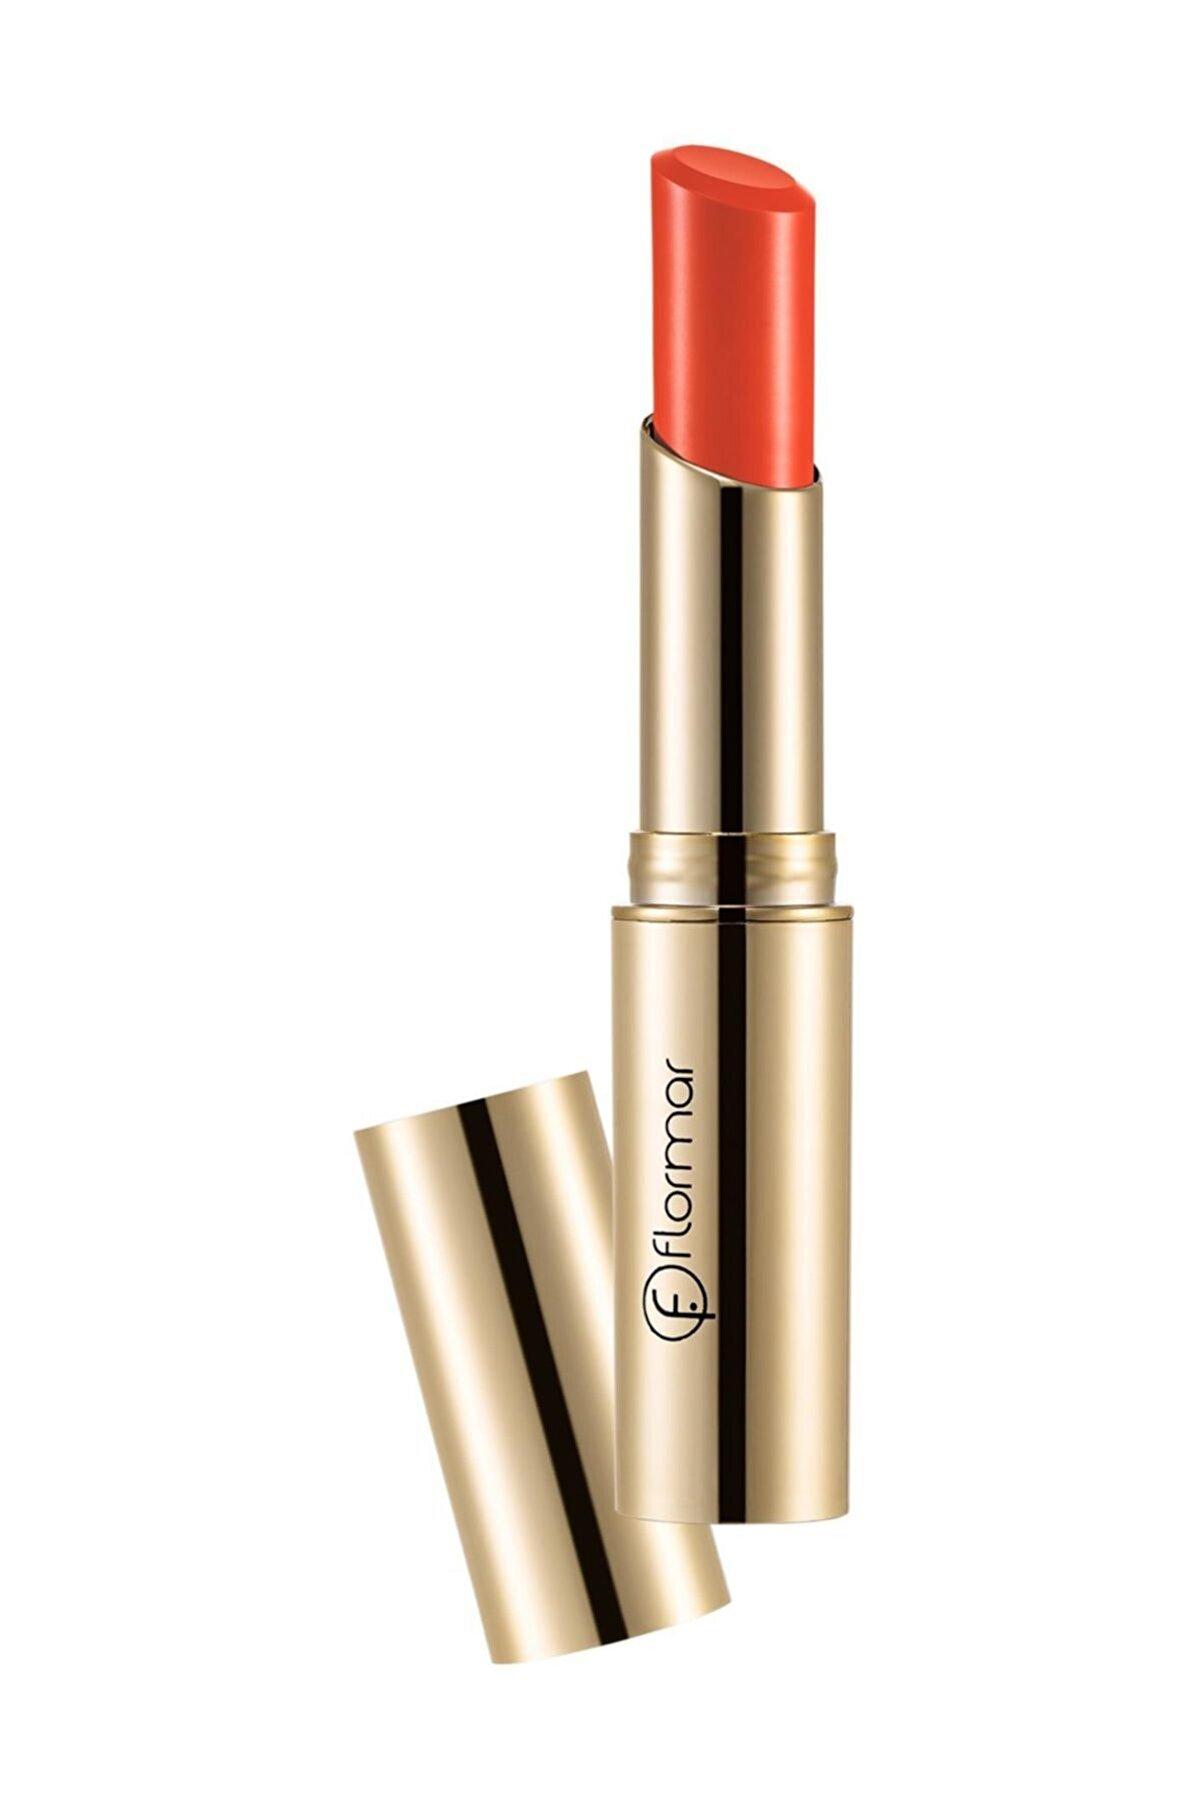 Flormar Deluxe Cashmere Lipstick Stylo Mat Açık Kırmızı Ruj DC22 8690604184477